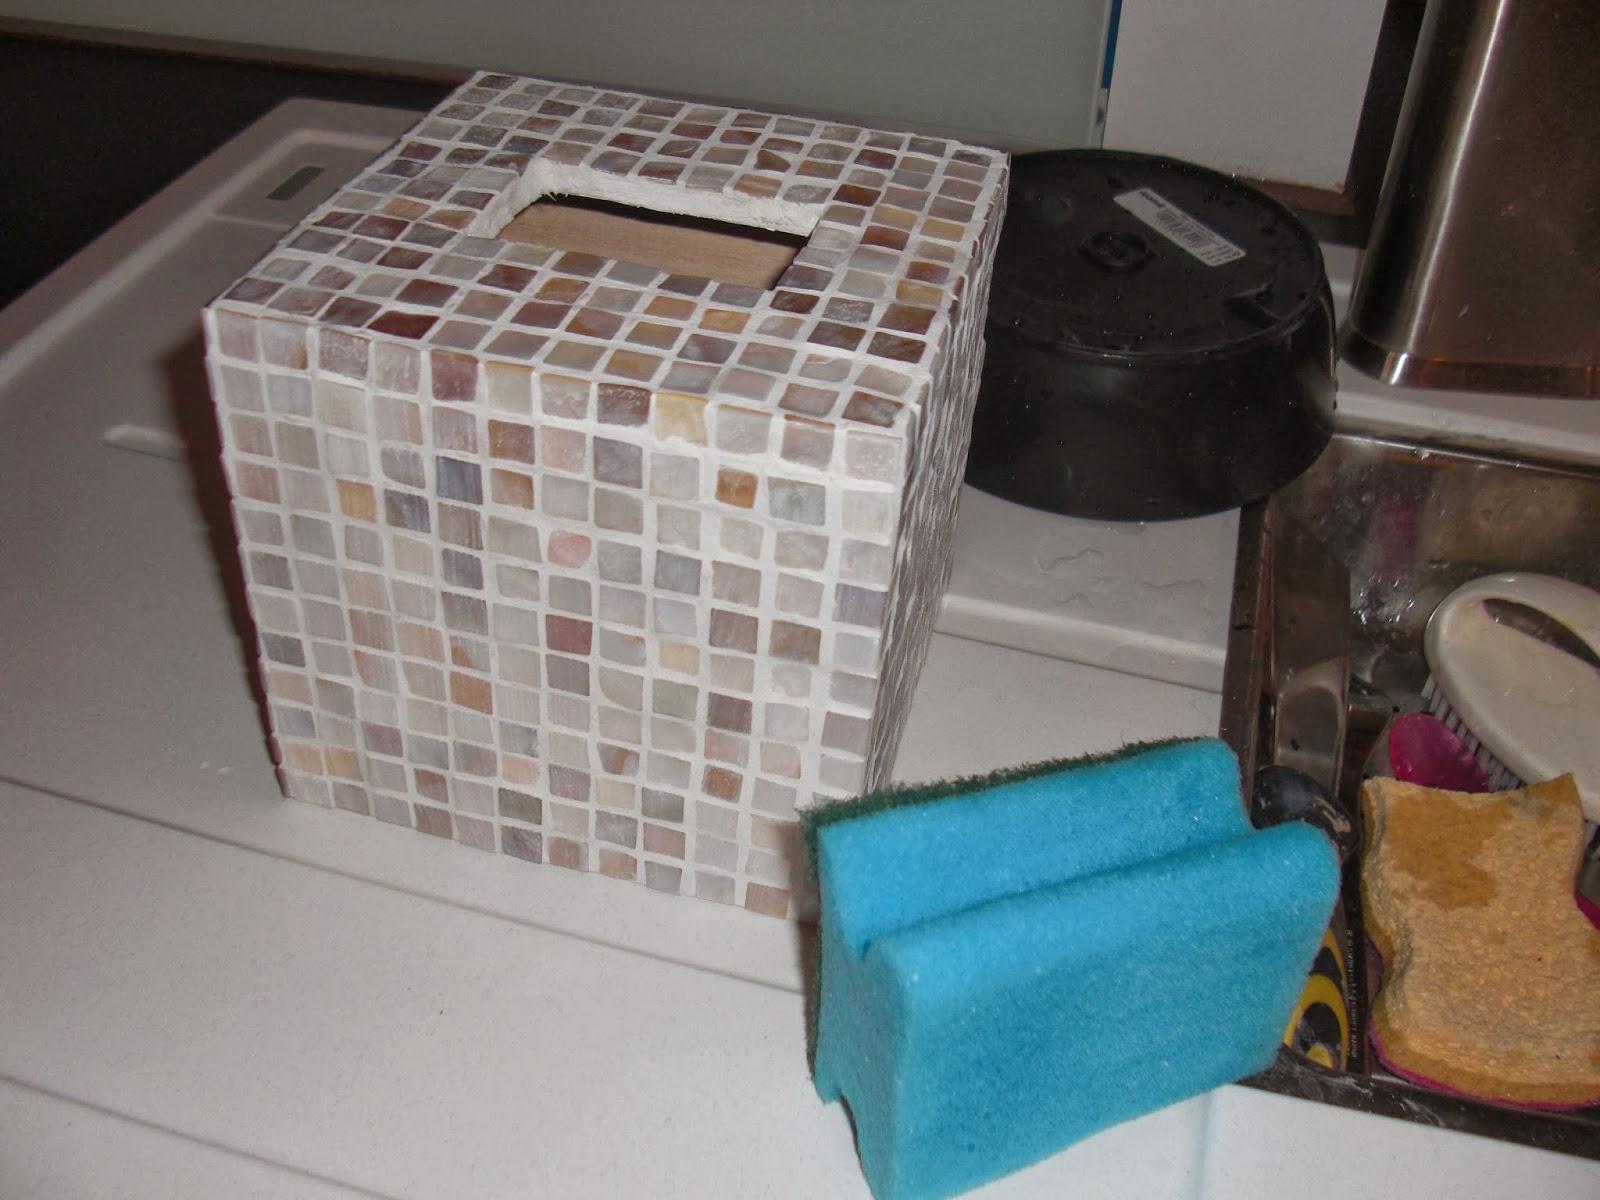 heim-elich: DIY Capiz / Perlmutt Tat Box Cover